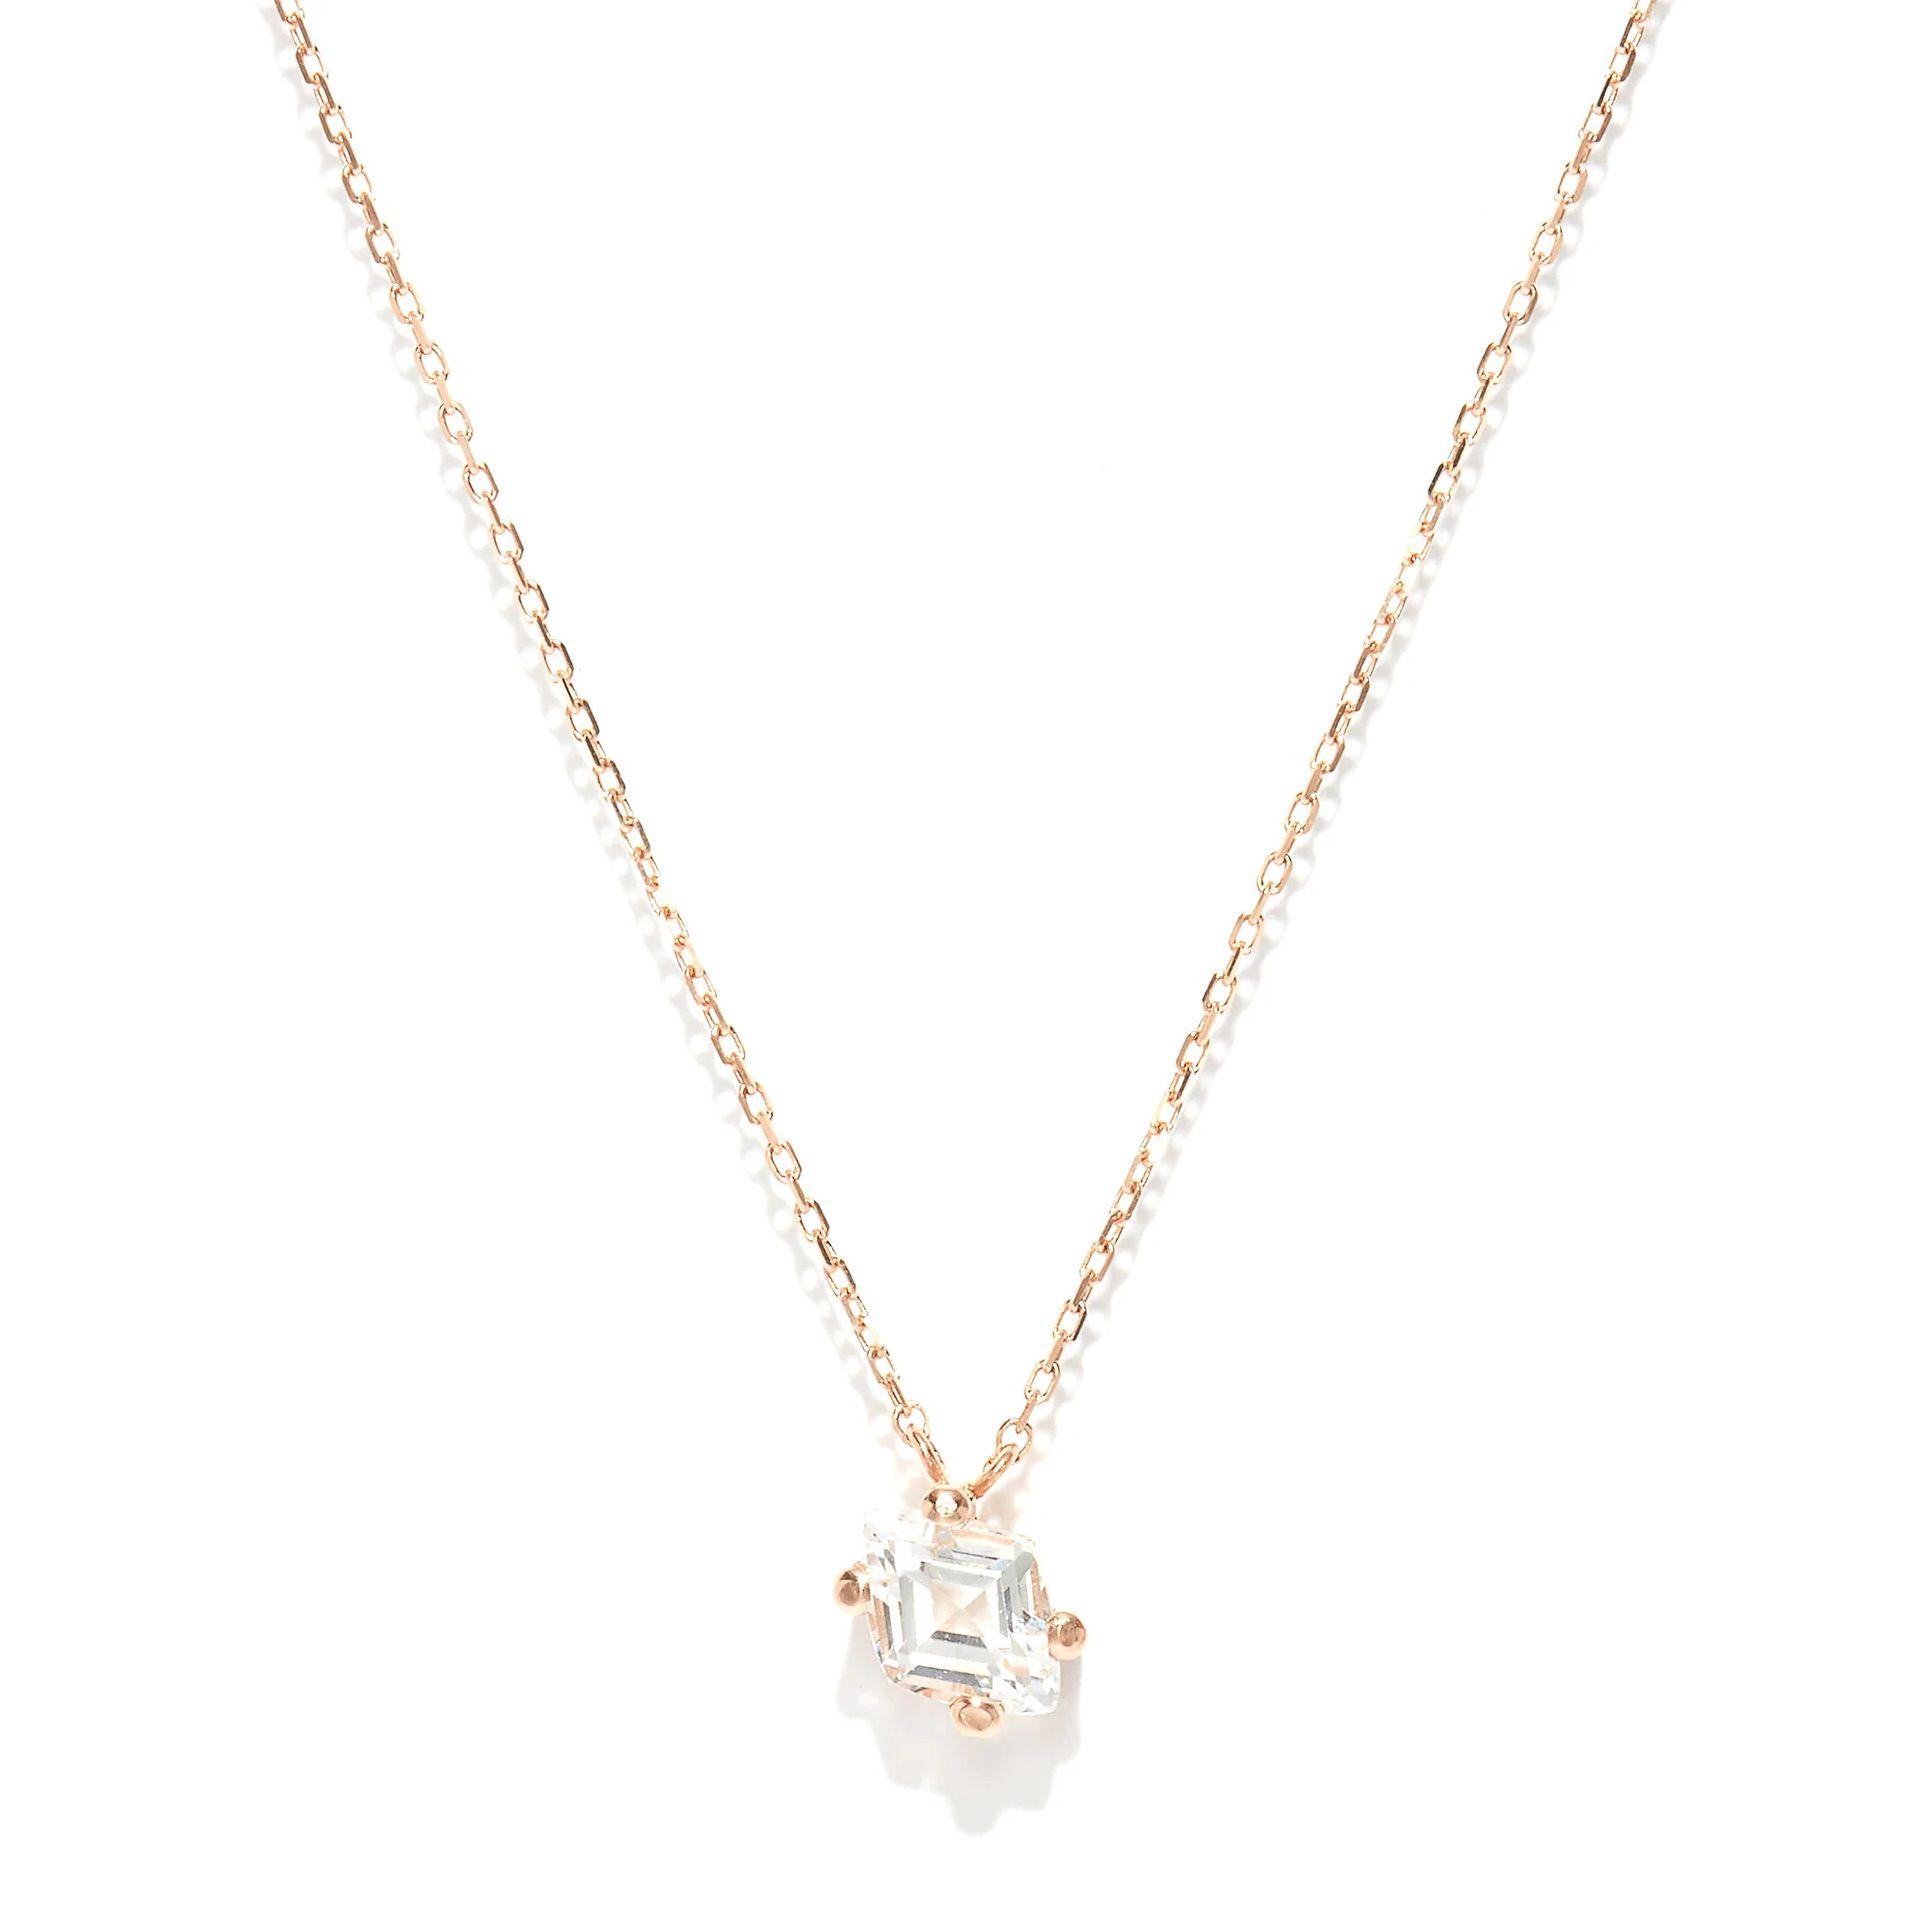 Topaz & 14kt rose-gold necklace